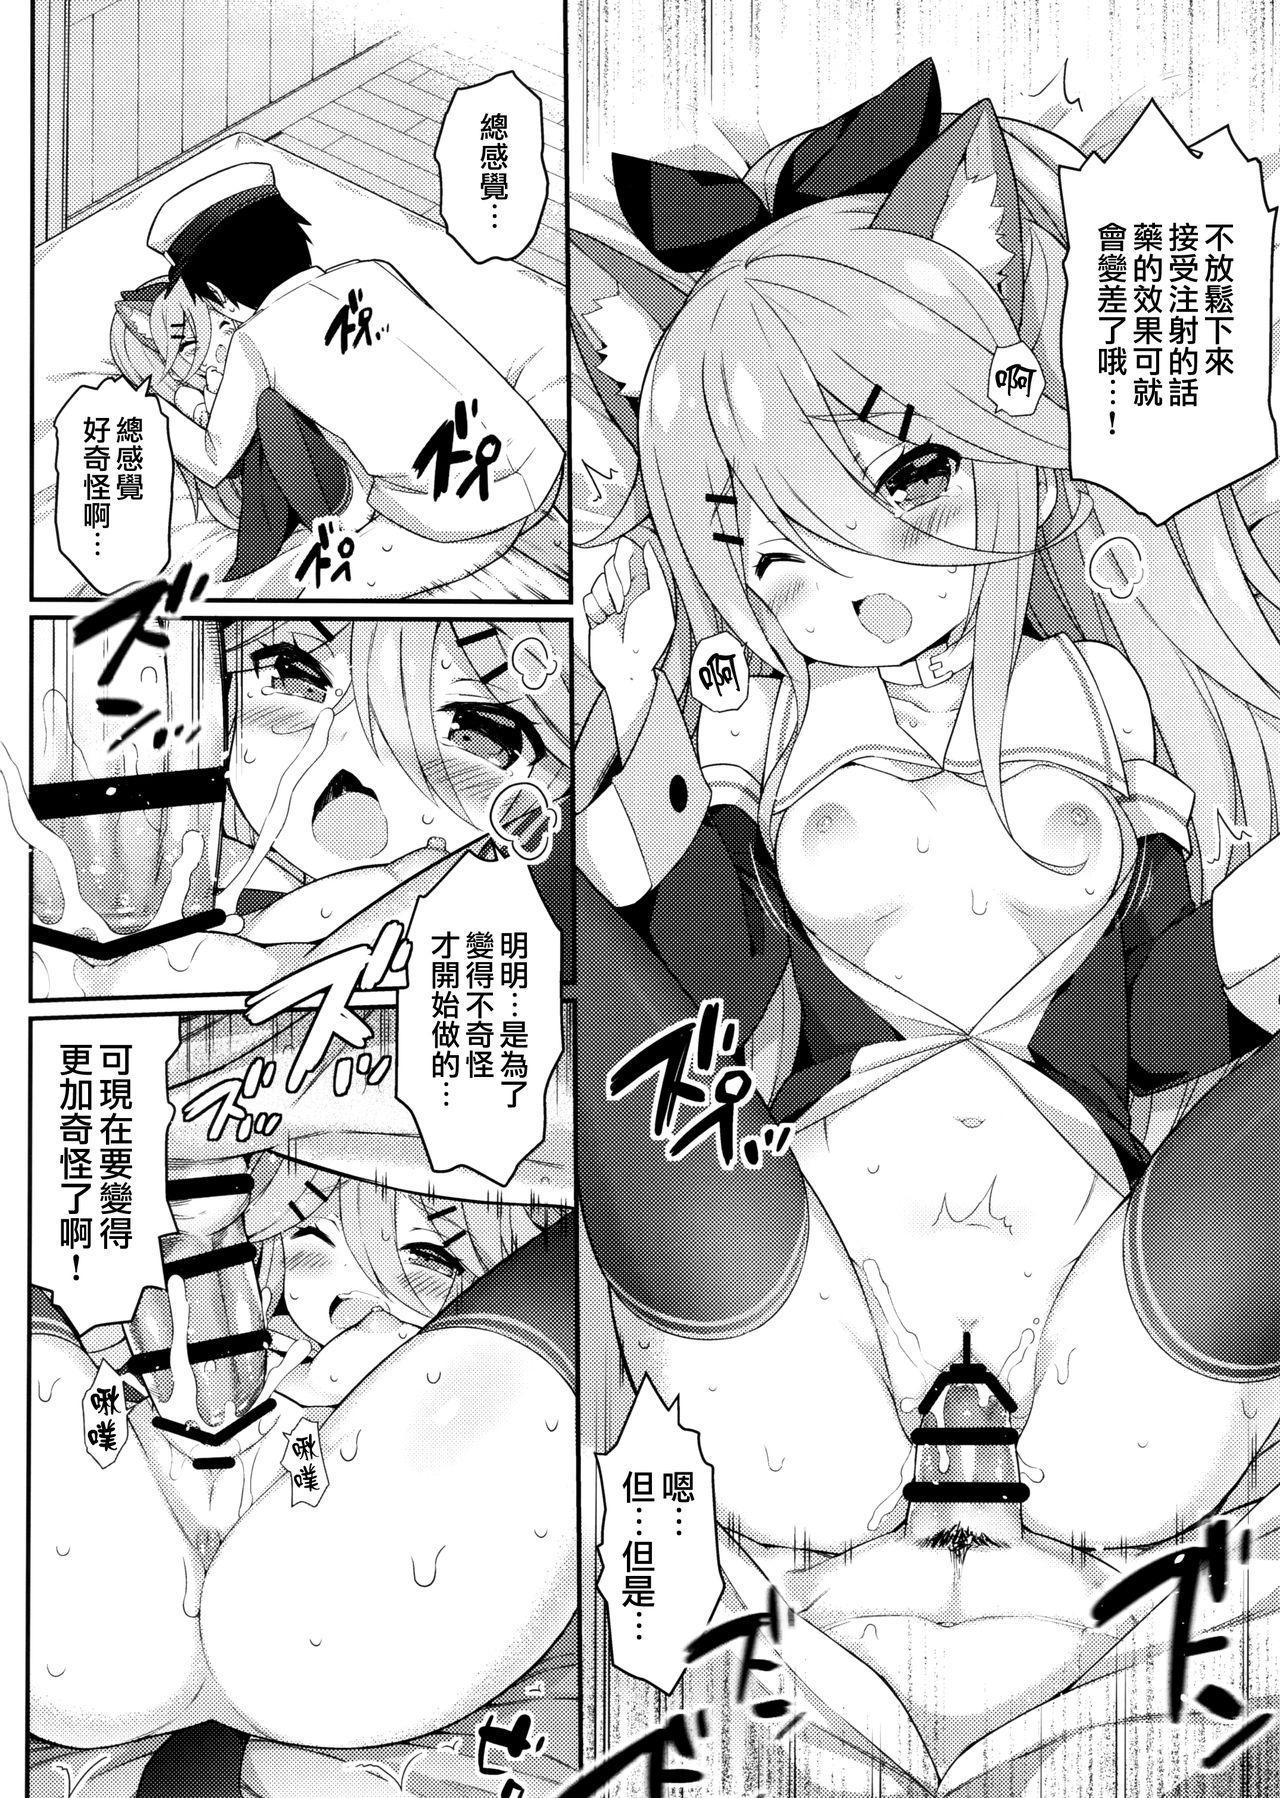 Yamakaze-chan no Abunai Maint Jijo 17